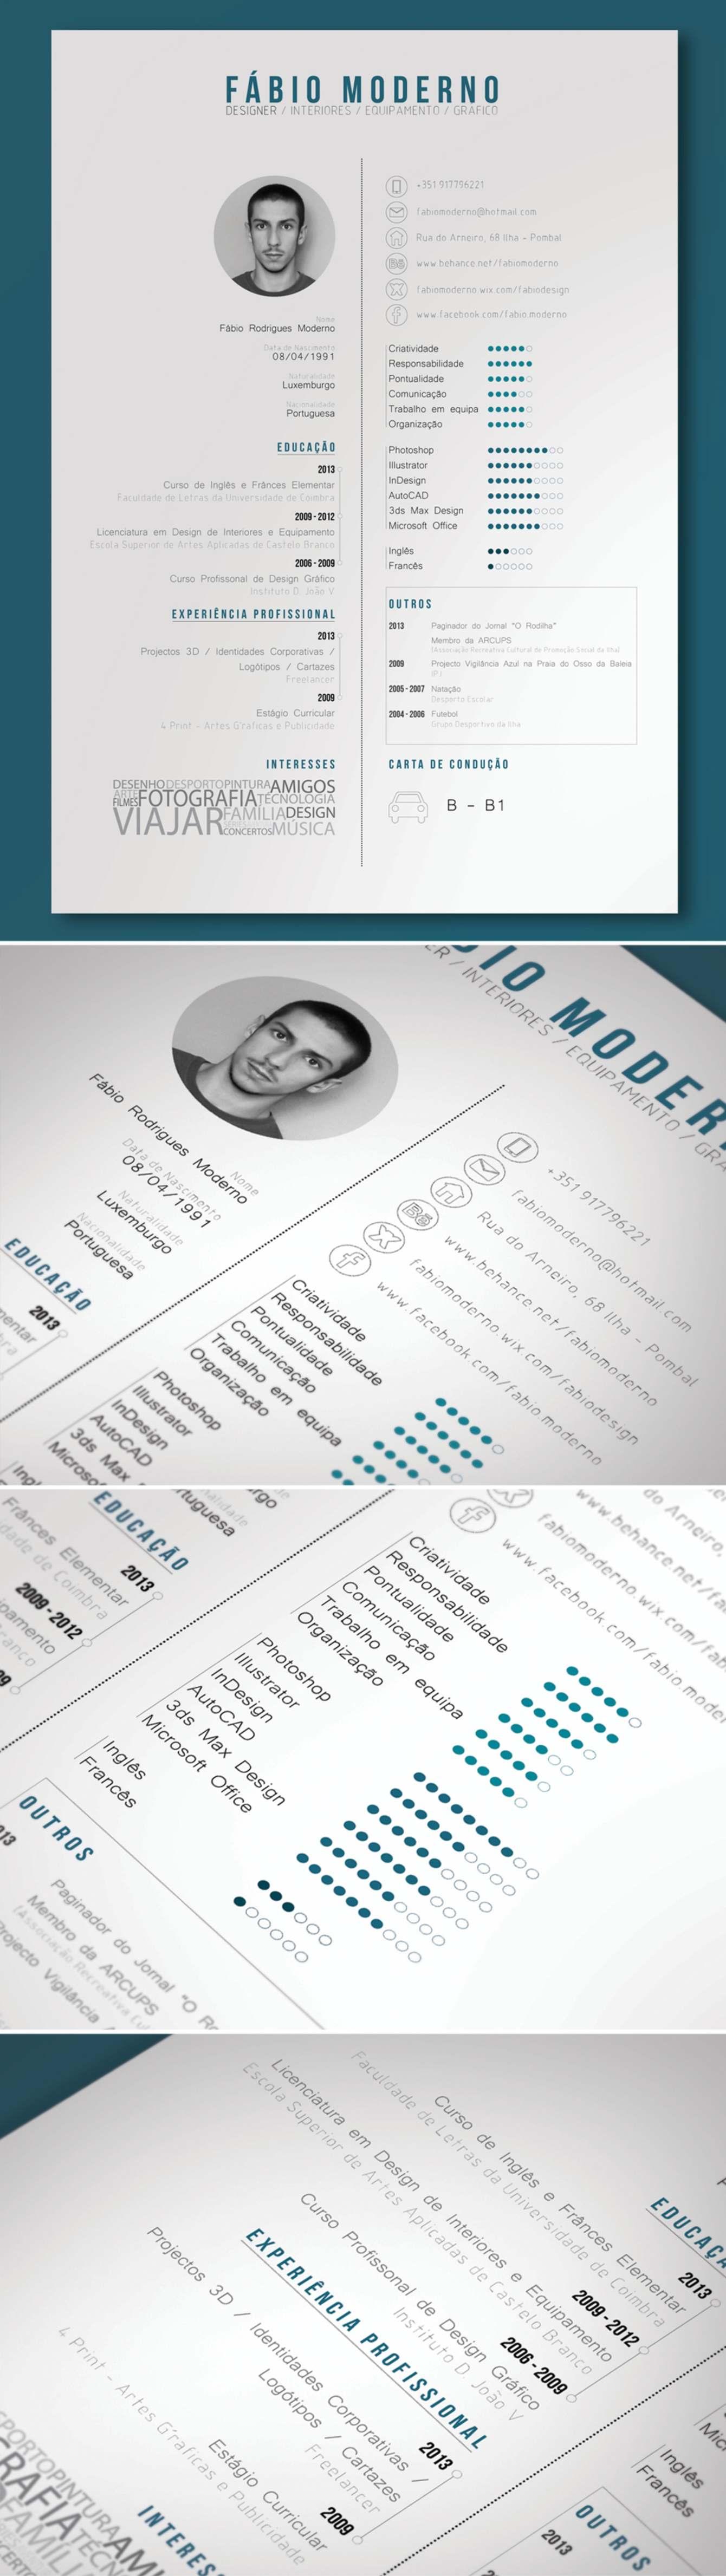 Fábio Moderno | Resume | Pinterest | Werbeideen und Bewerbung